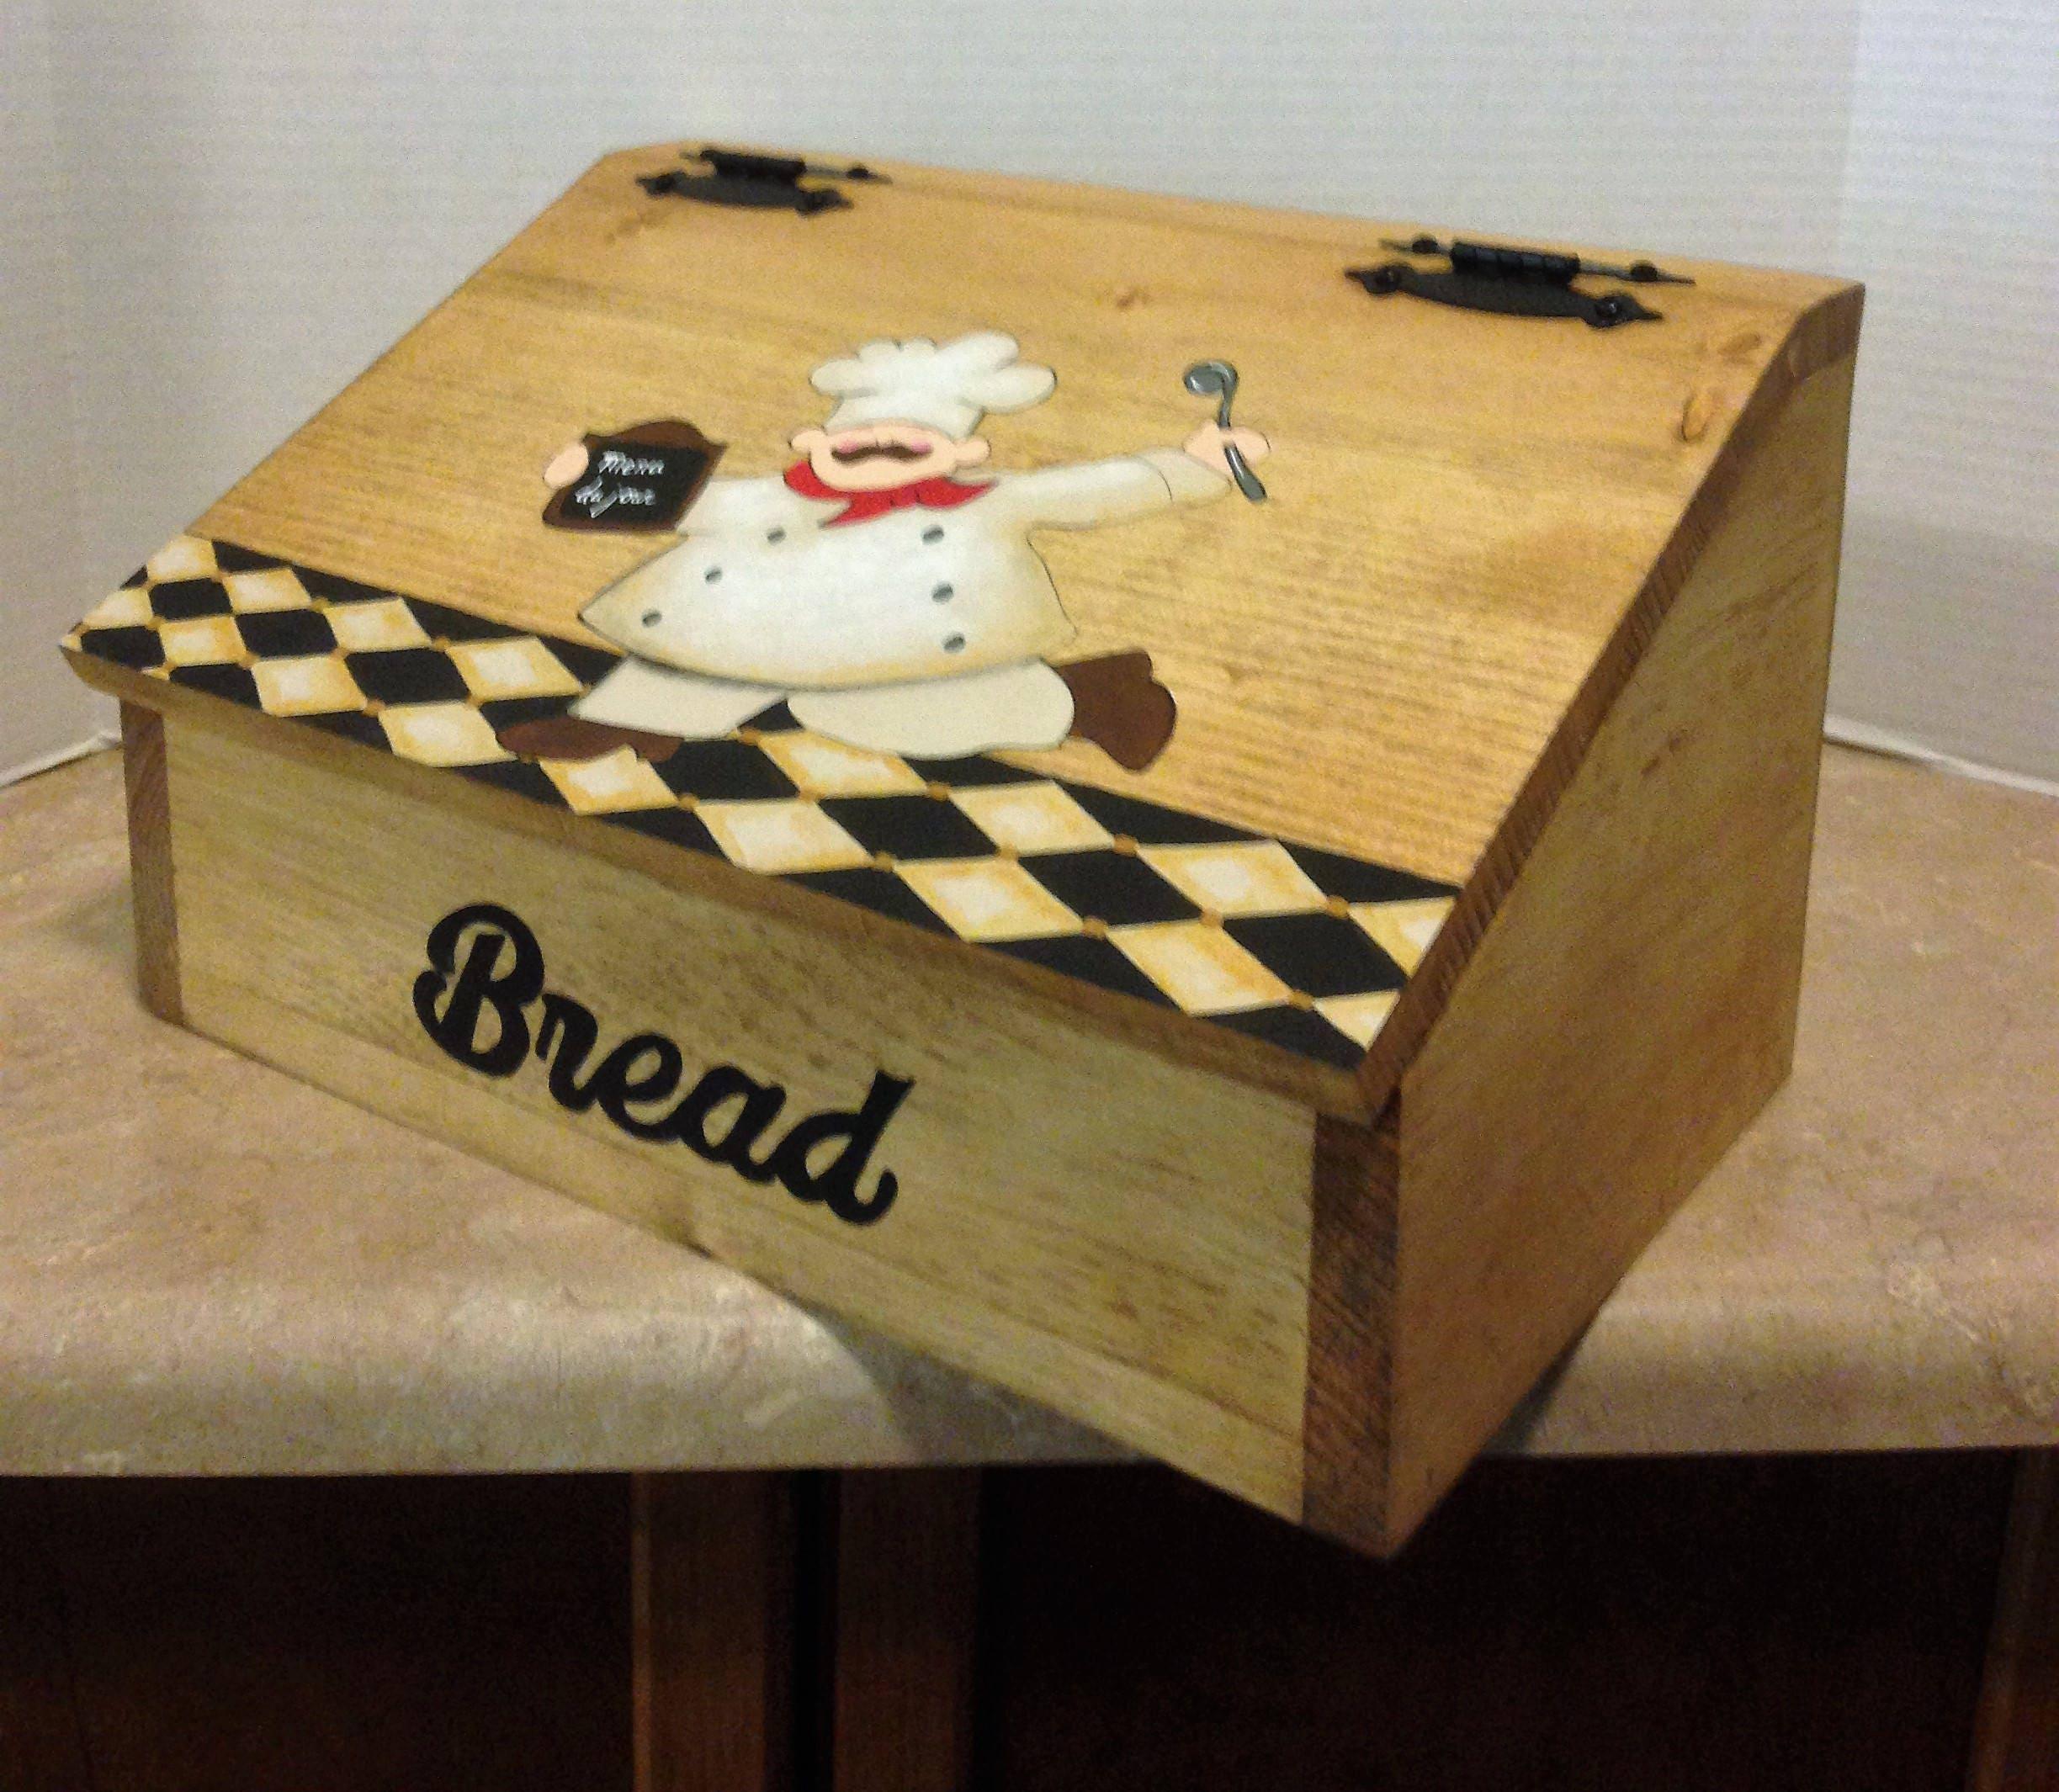 Country Kitchen Bread: Bread Box, Wooden Bread Box, Chef Decor, Chef Kitchen